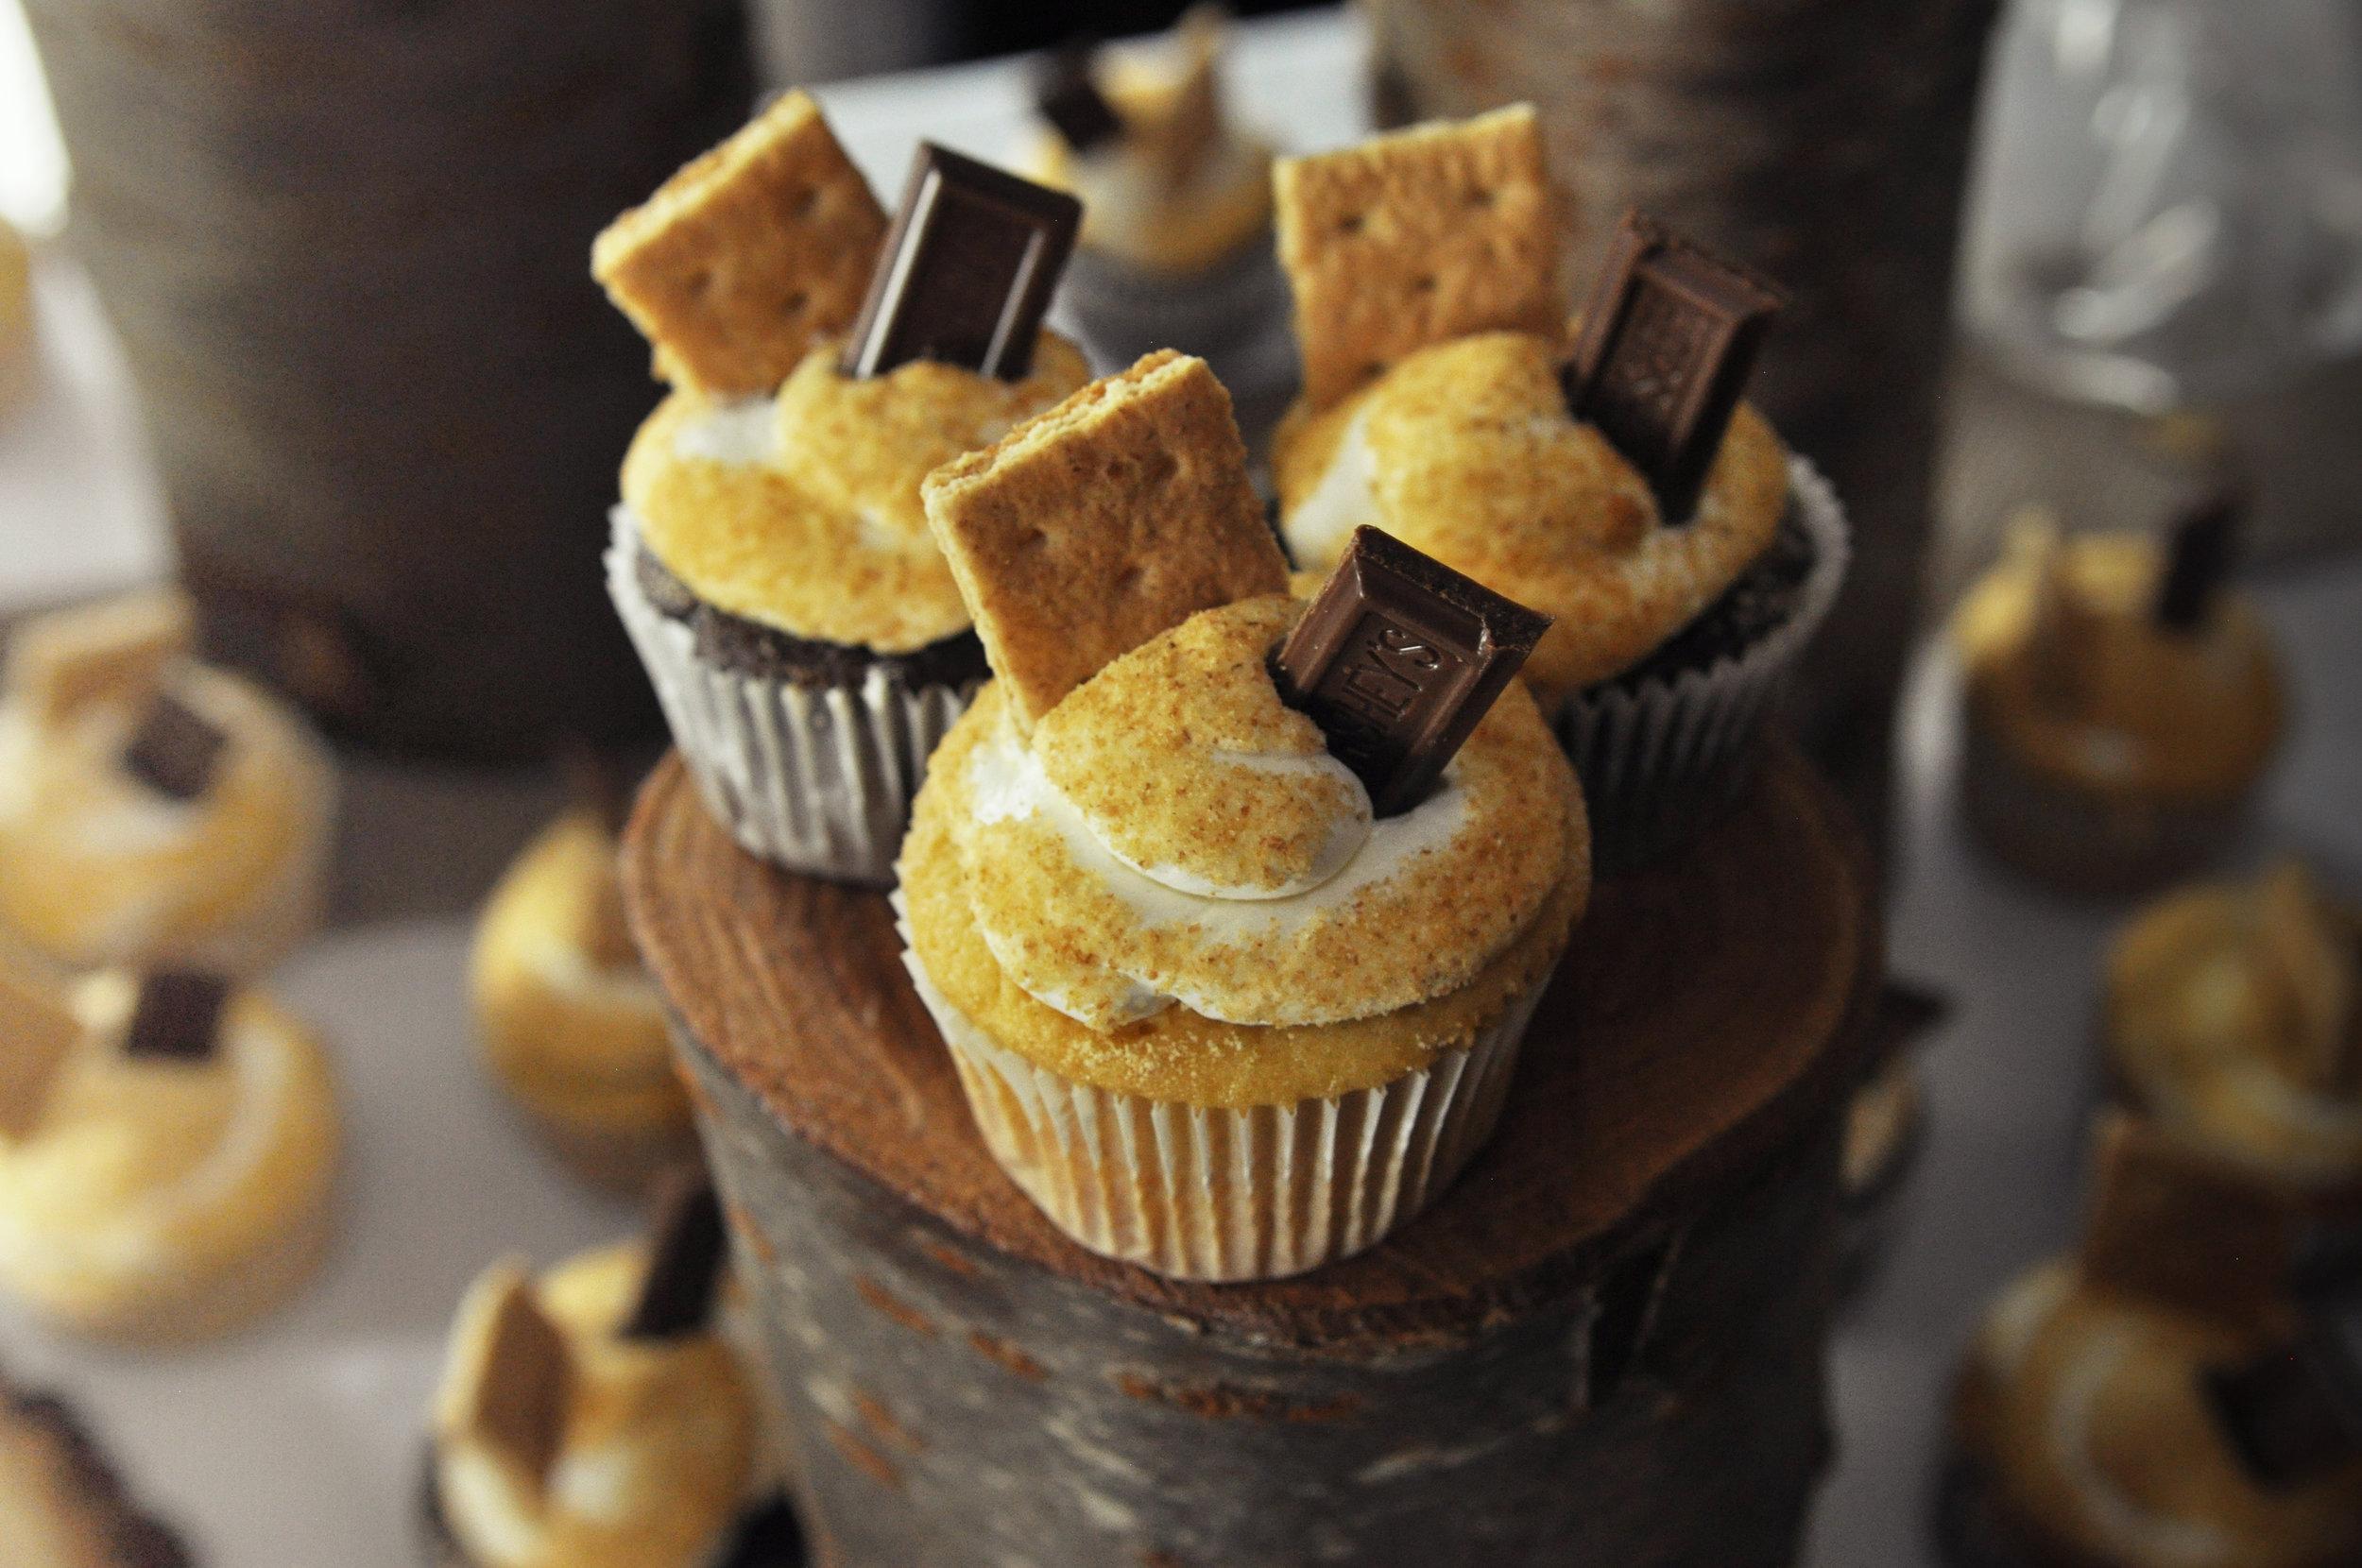 um.... s'more cupcakes please!